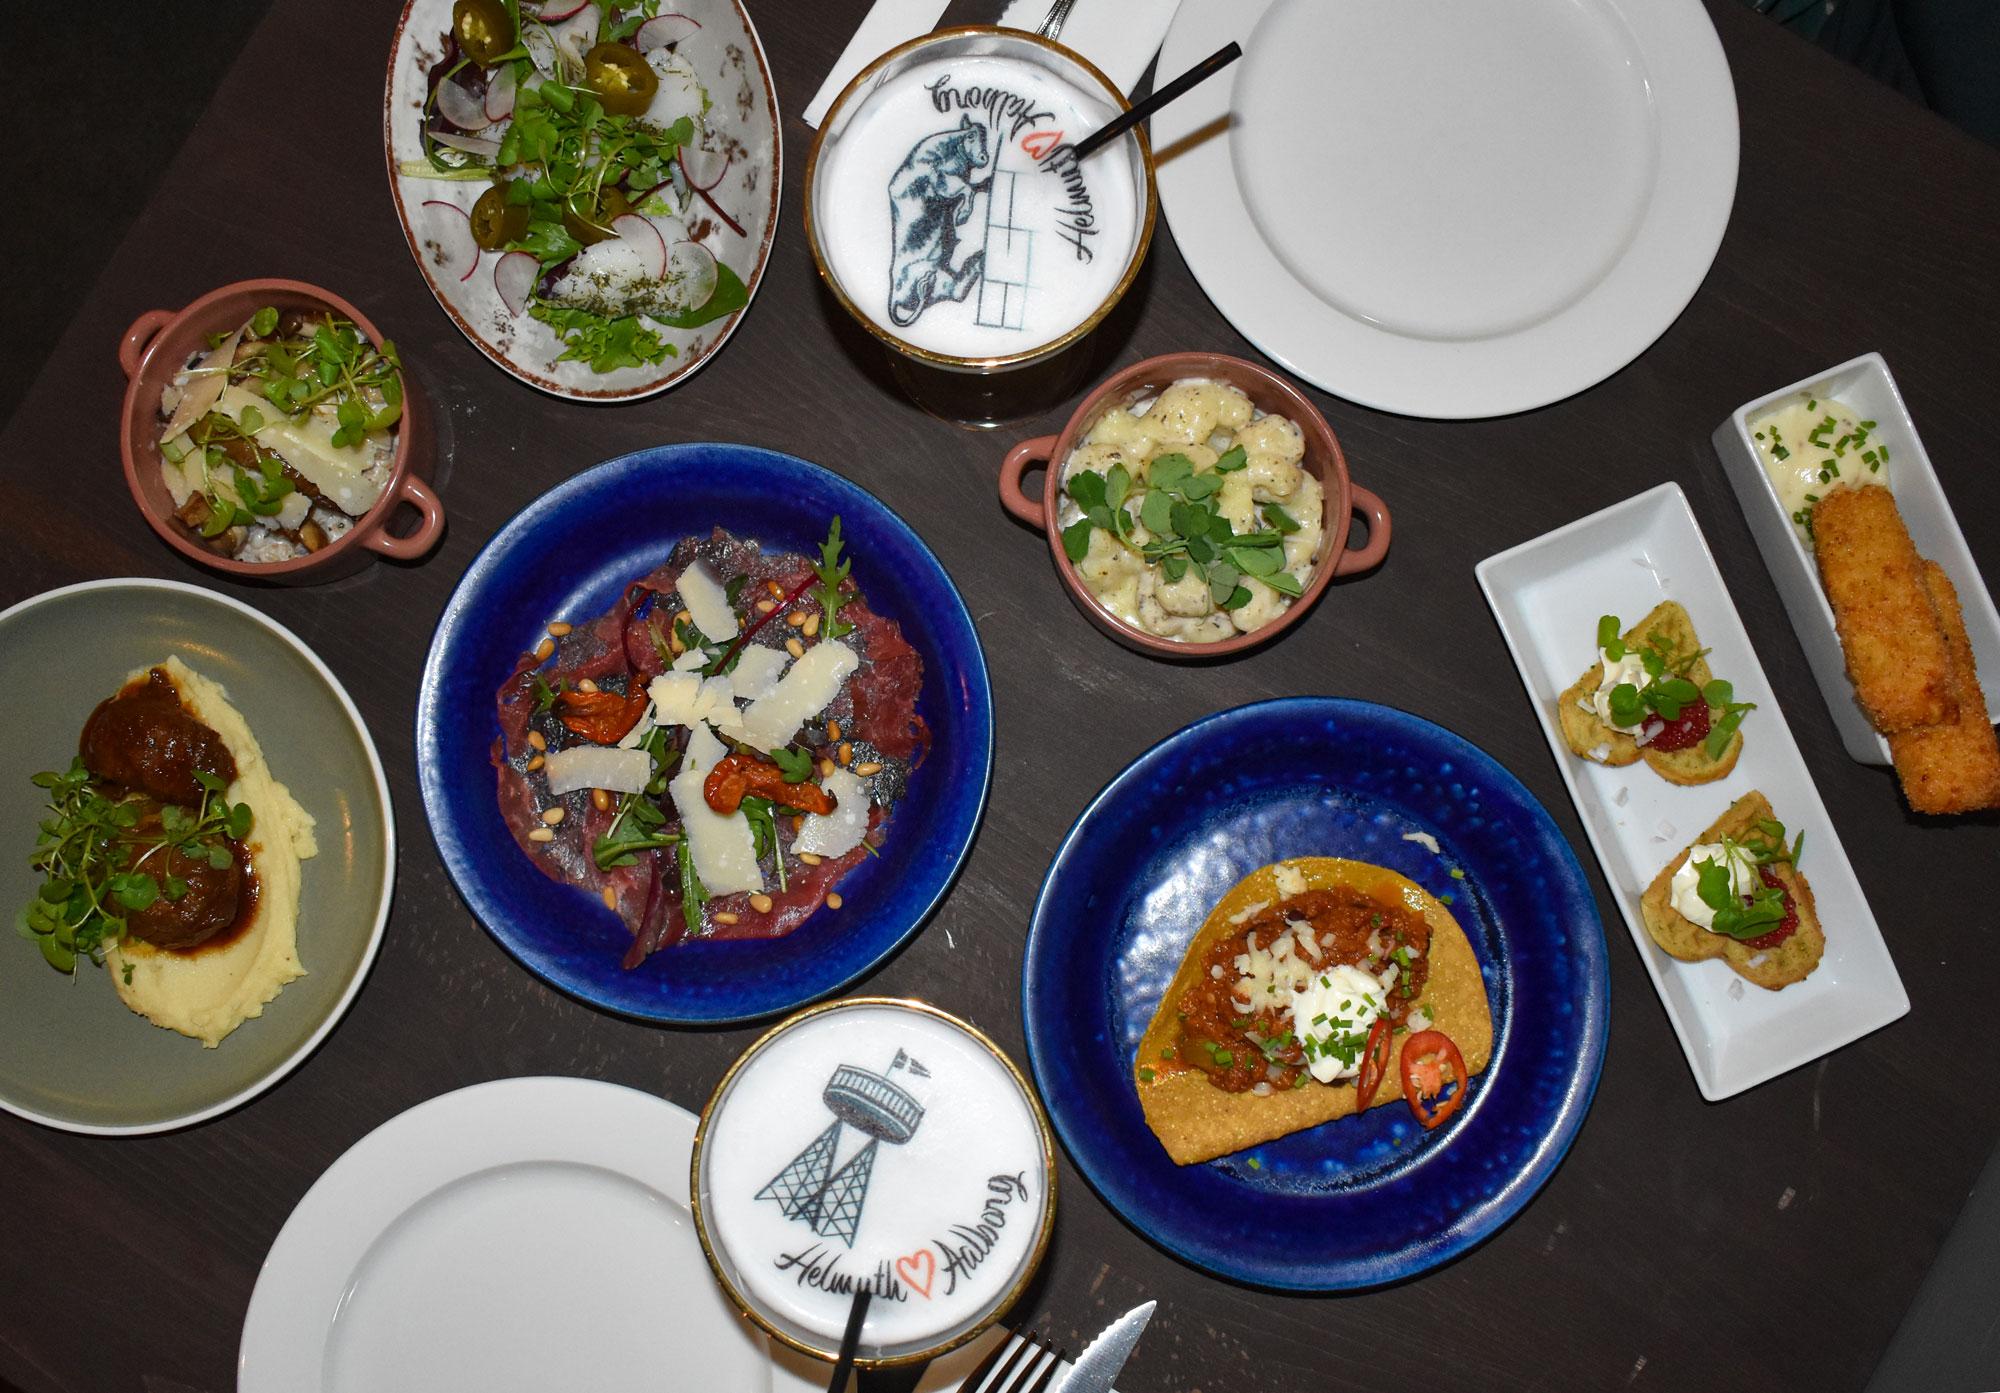 Helmuth med nyt tiltag: Alle favoritterne i en overdådig buffet hver uge